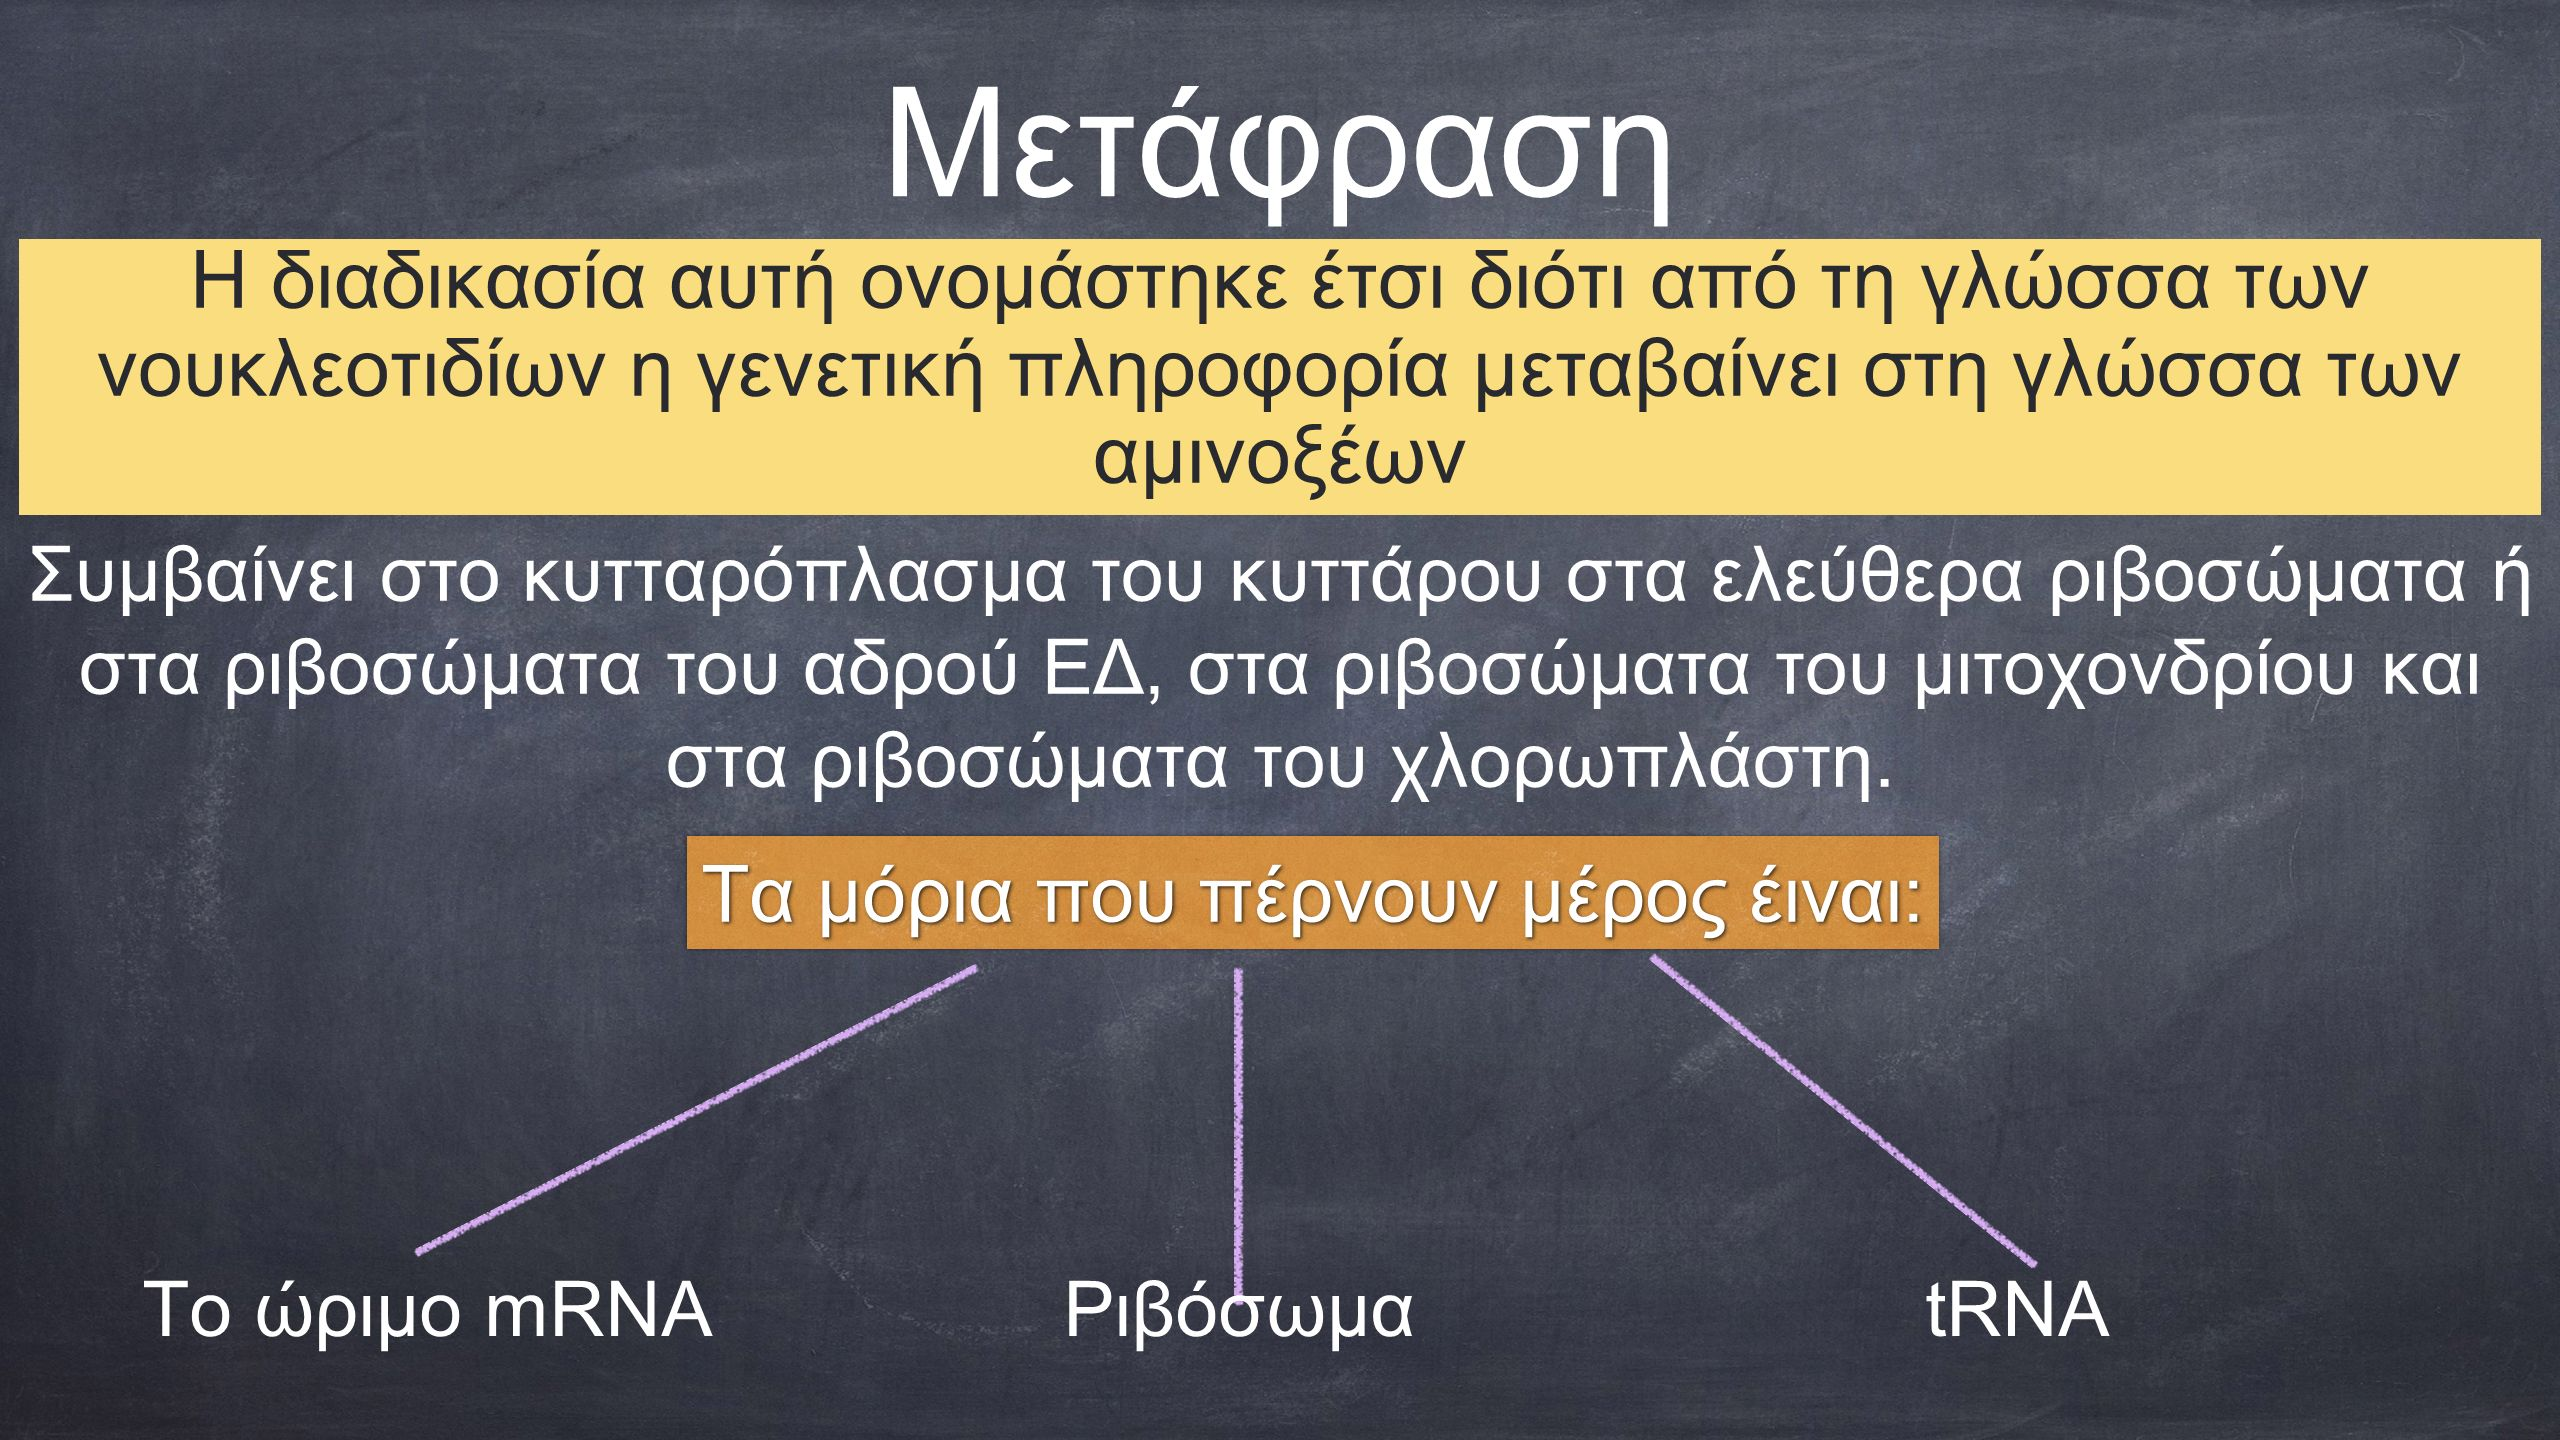 Μετάφραση Η διαδικασία αυτή ονομάστηκε έτσι διότι από τη γλώσσα των νουκλεοτιδίων η γενετική πληροφορία μεταβαίνει στη γλώσσα των αμινοξέων Τα μόρια π